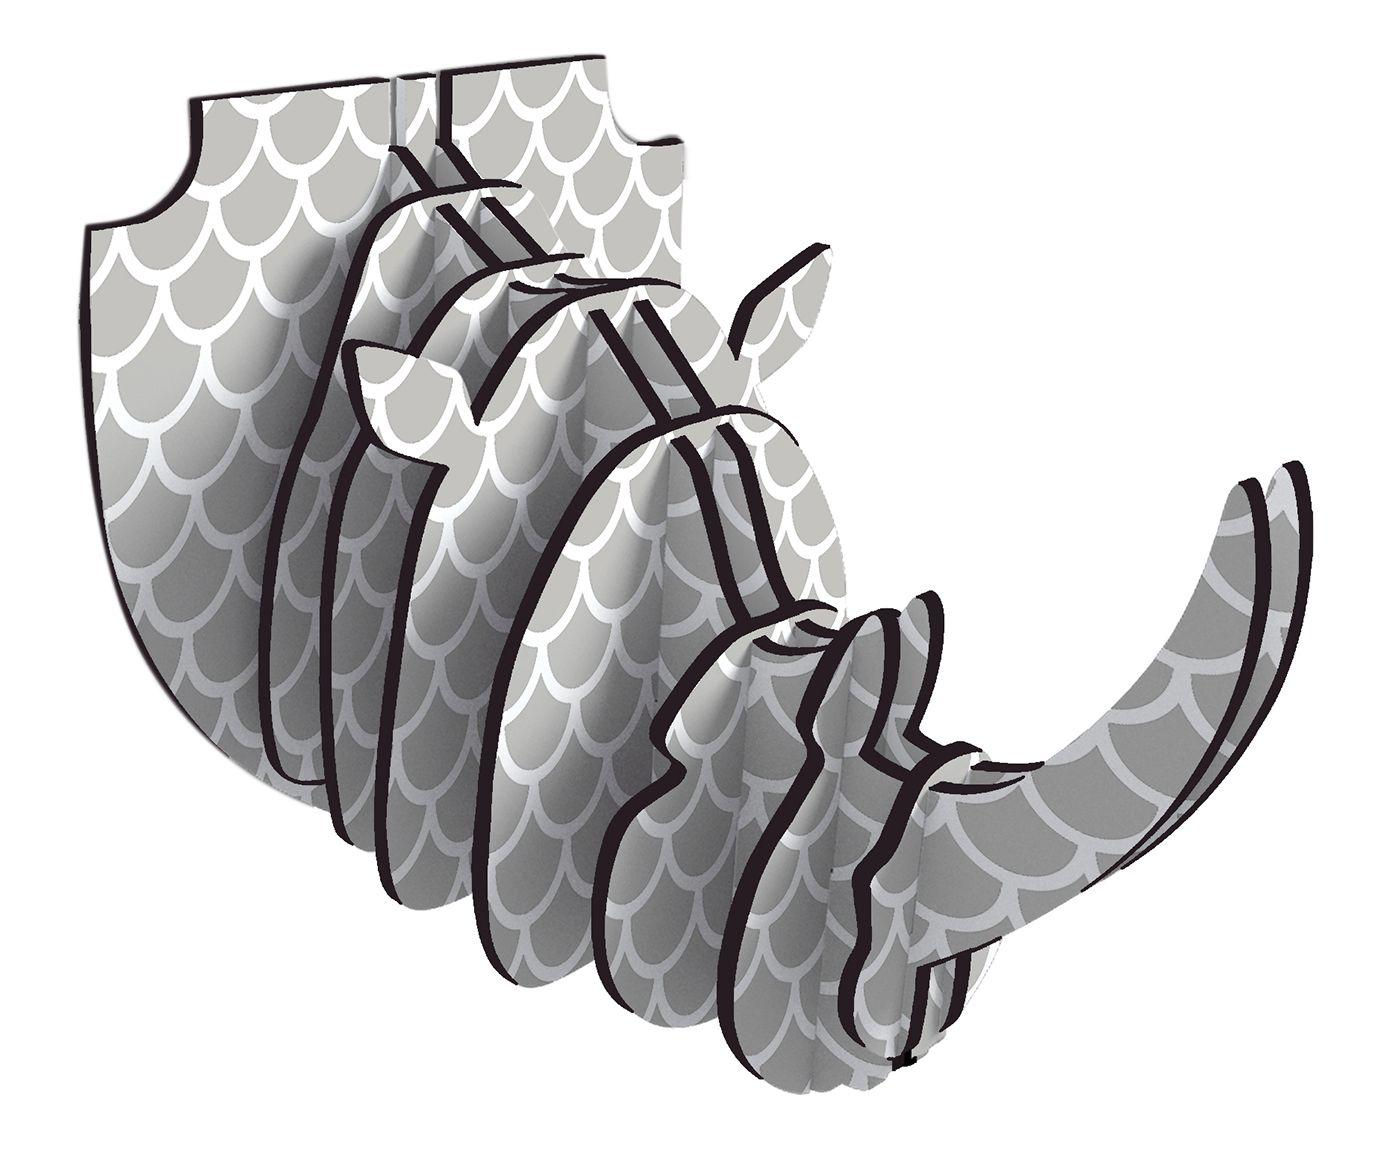 Adorno de Parede Rhino Íris | Westwing.com.br